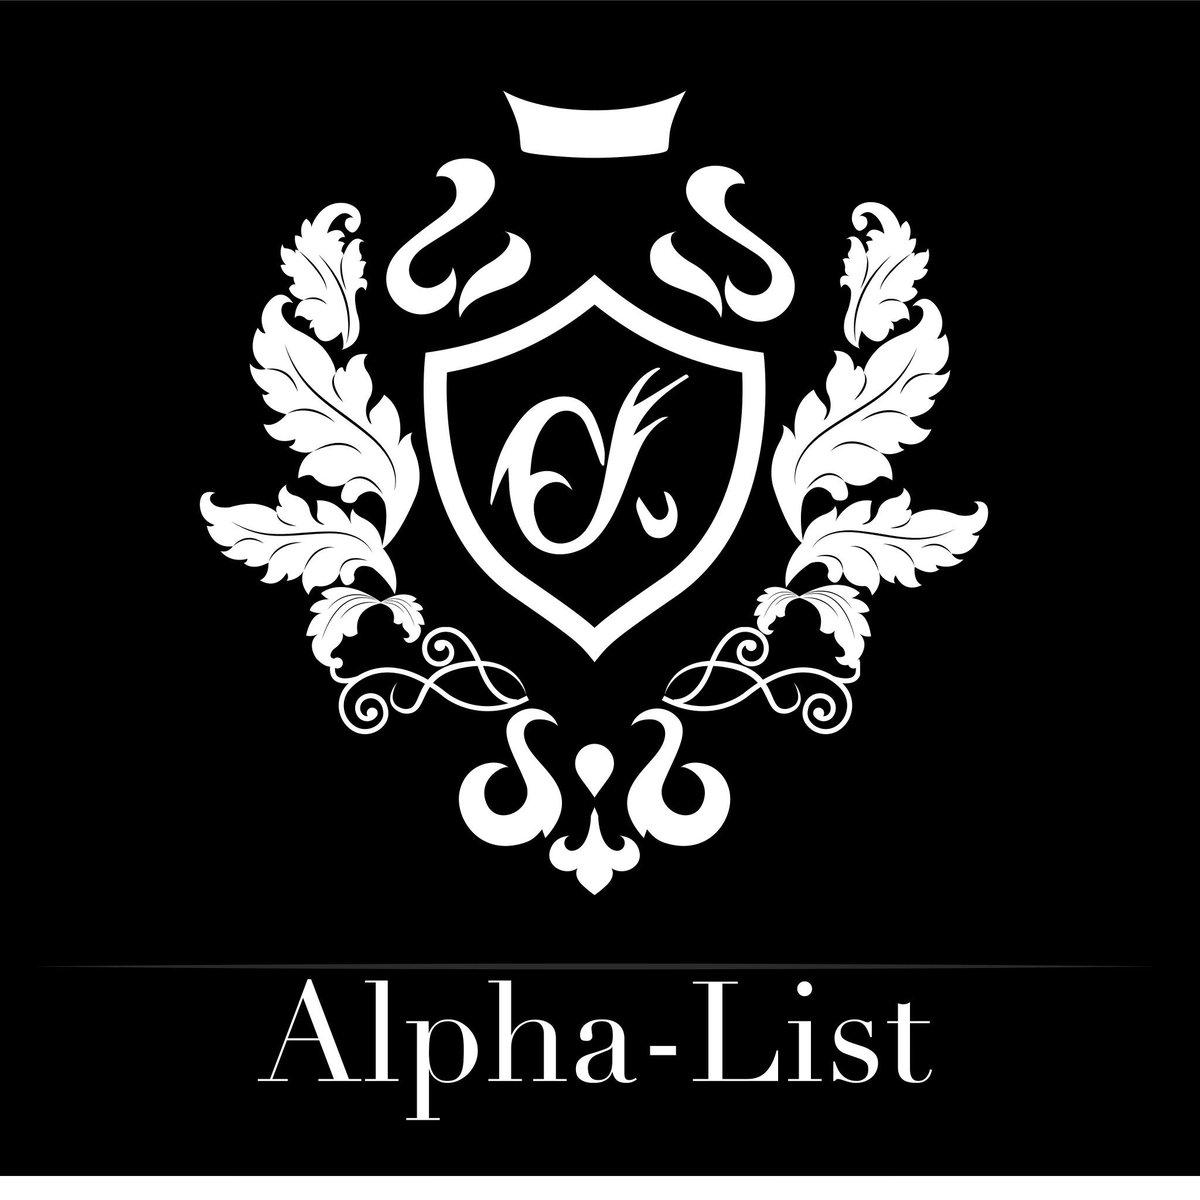 alphalist hashtag on Twitter